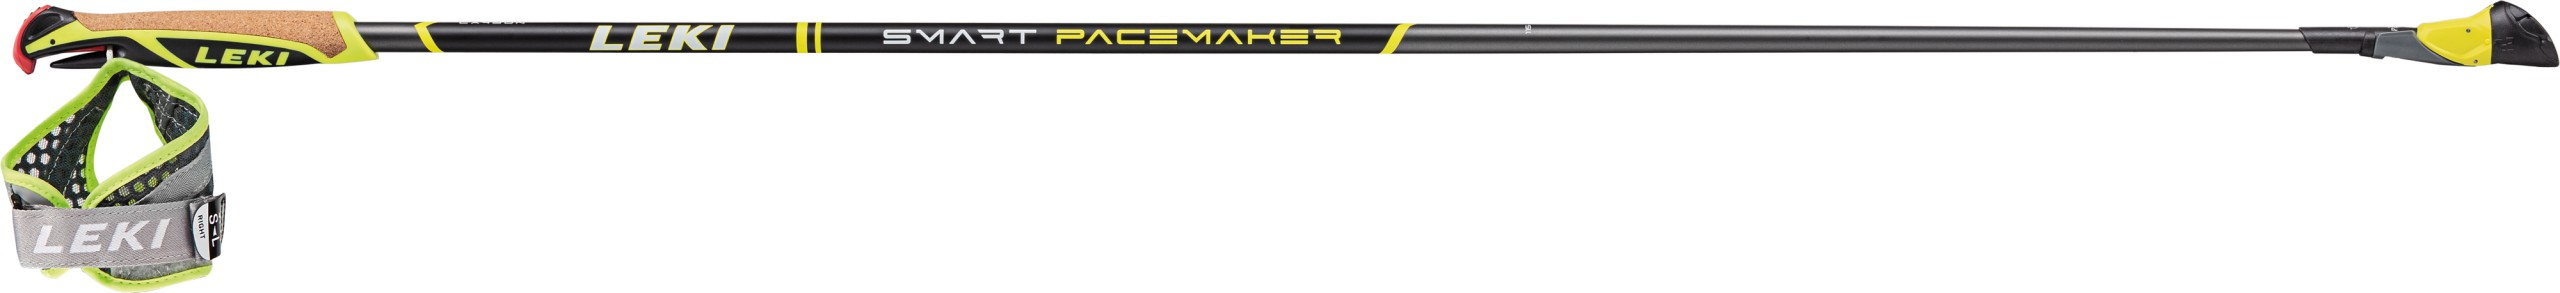 Smart Pacemaker Lite